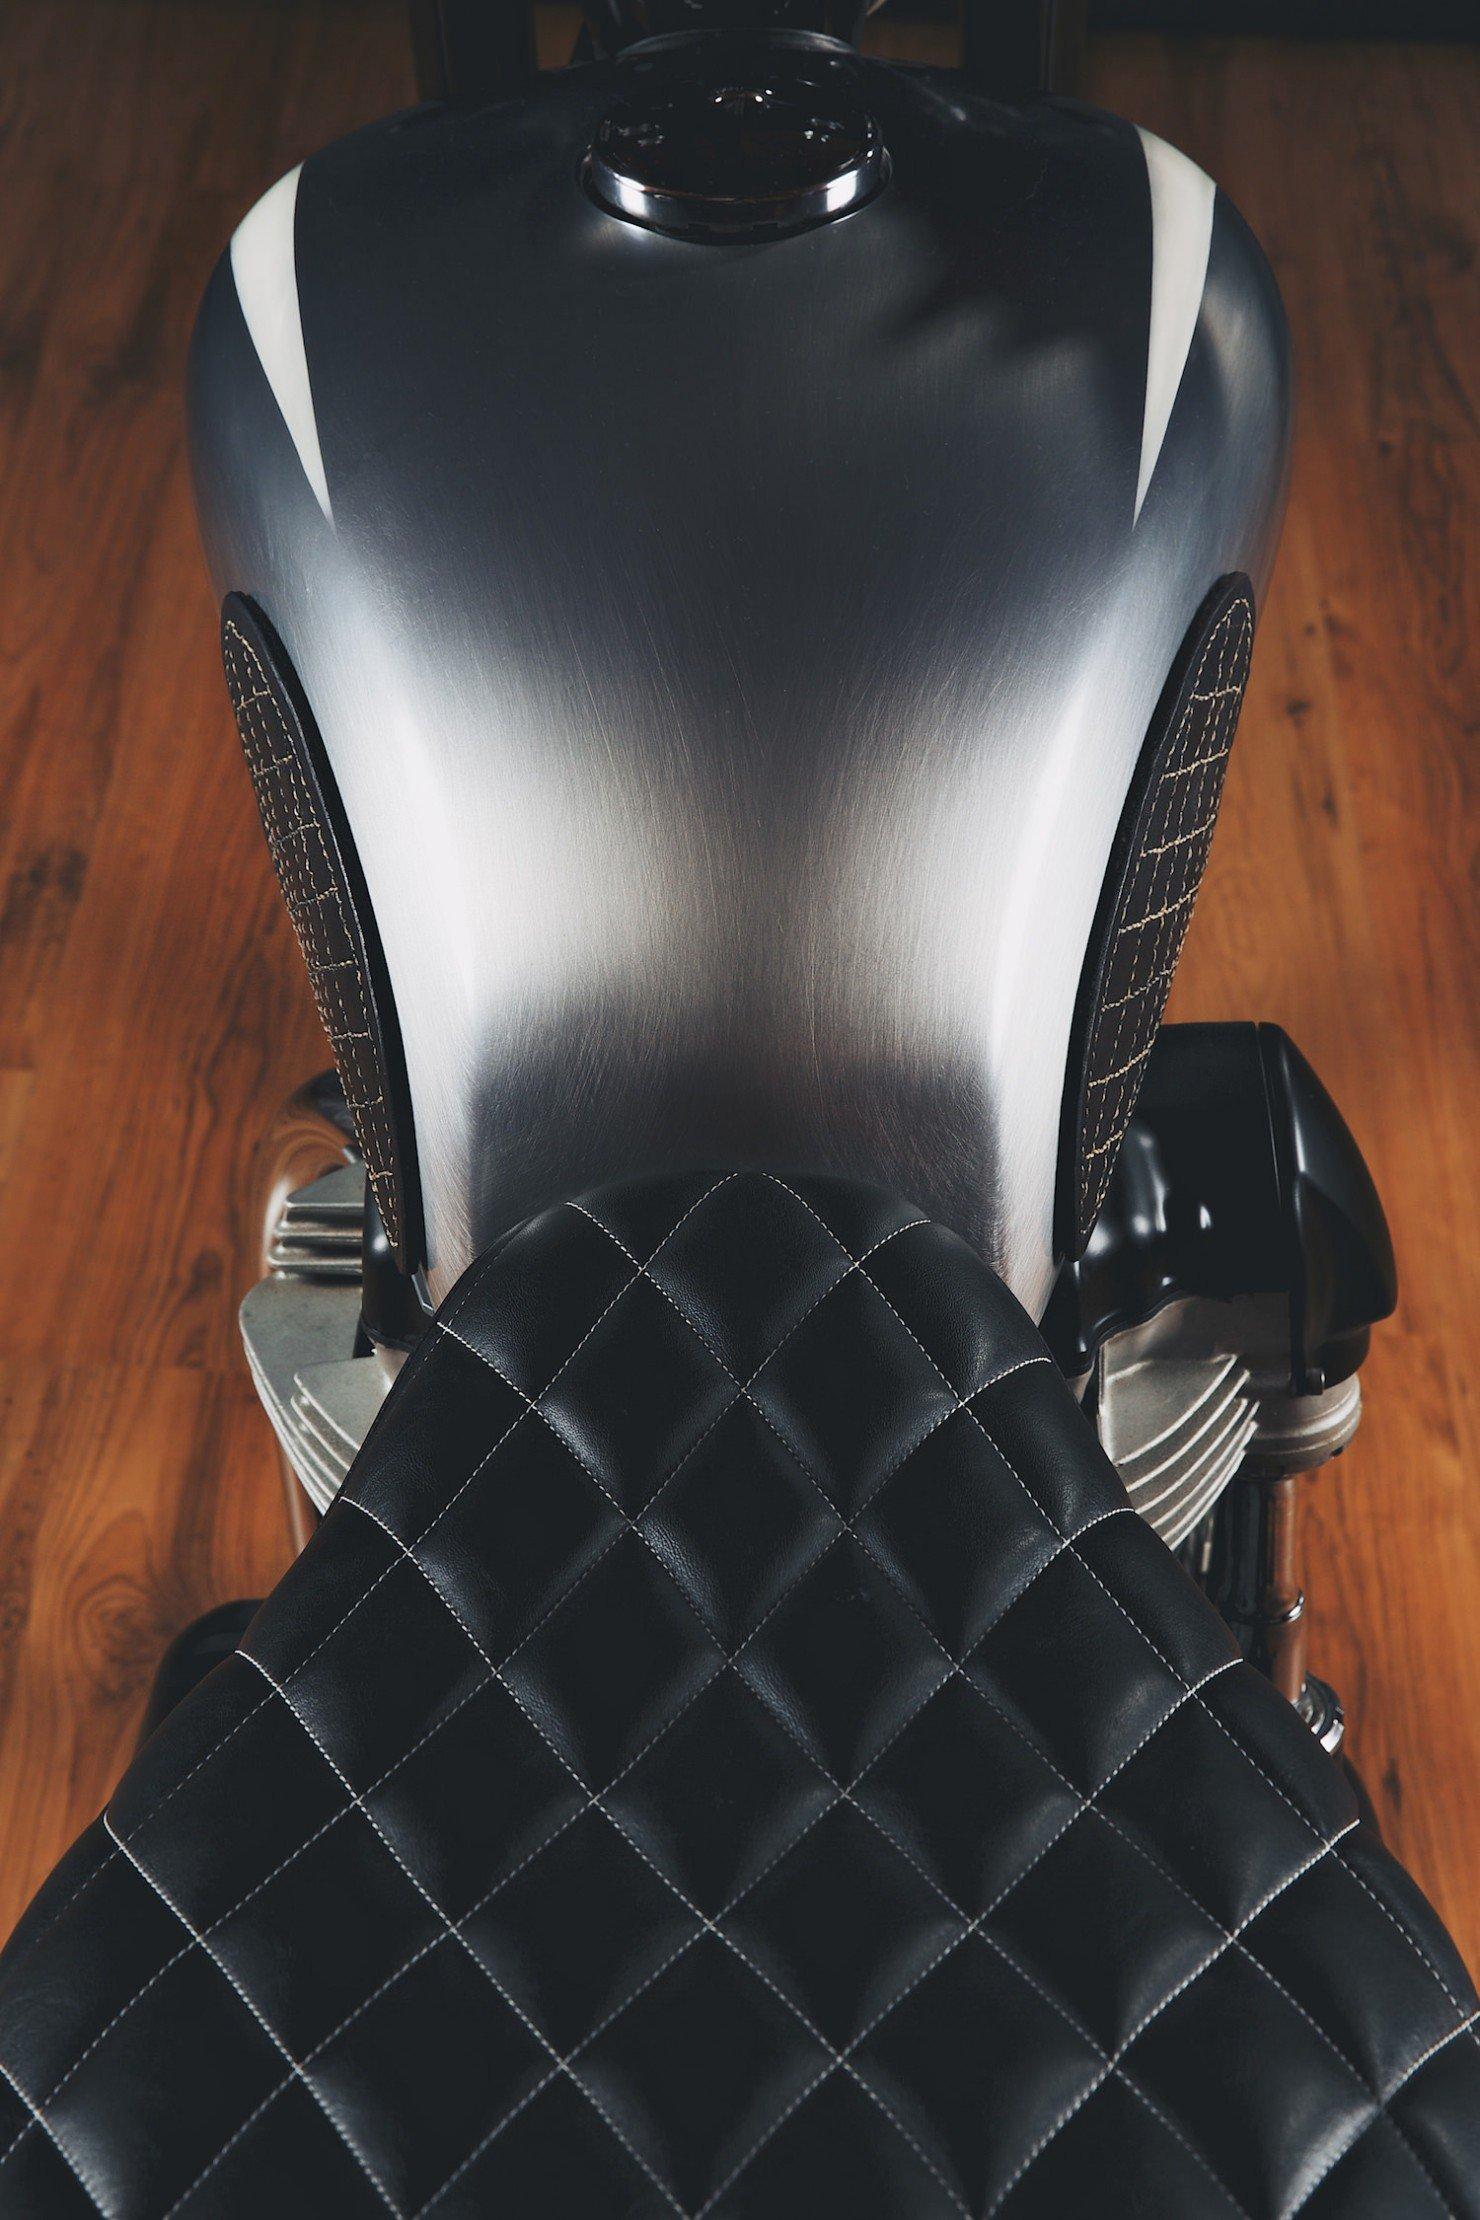 Kawasaki_W650_Motorcycle_14